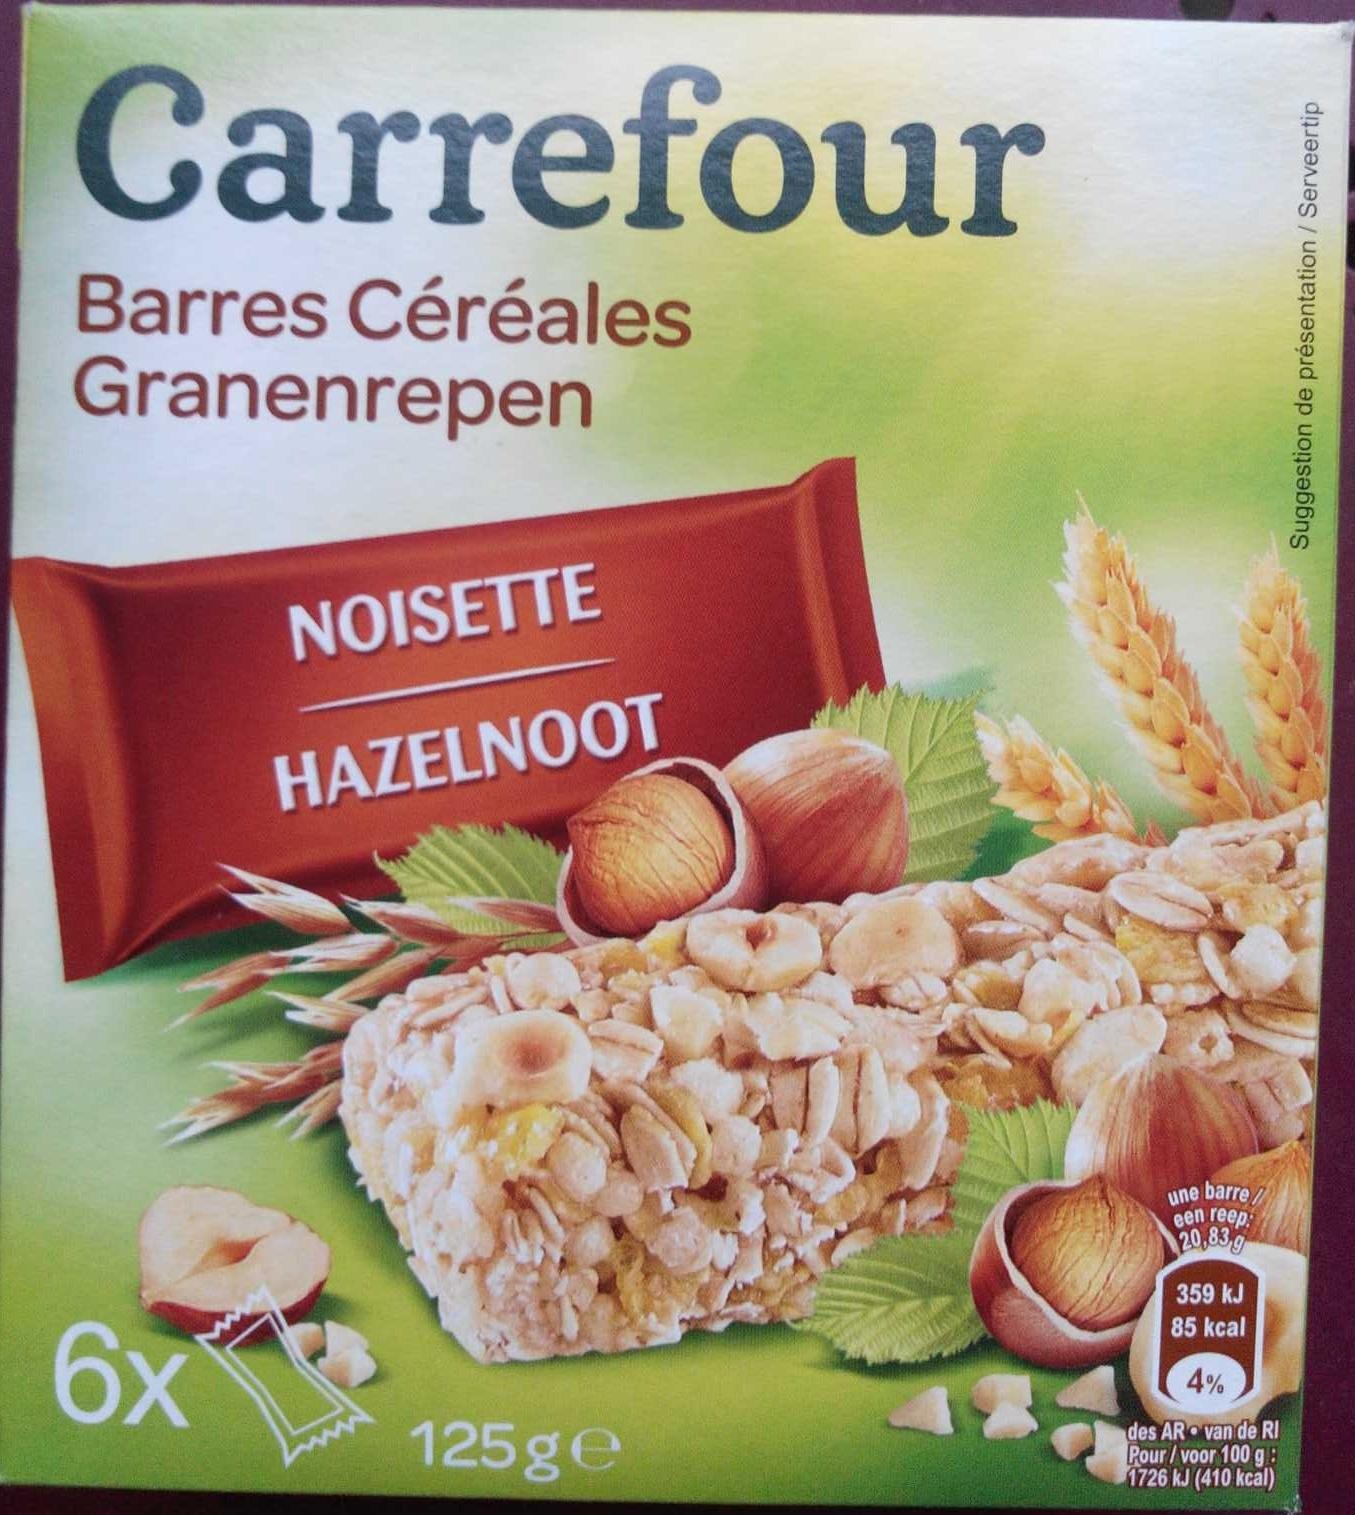 Barres céréales noisette - Product - fr